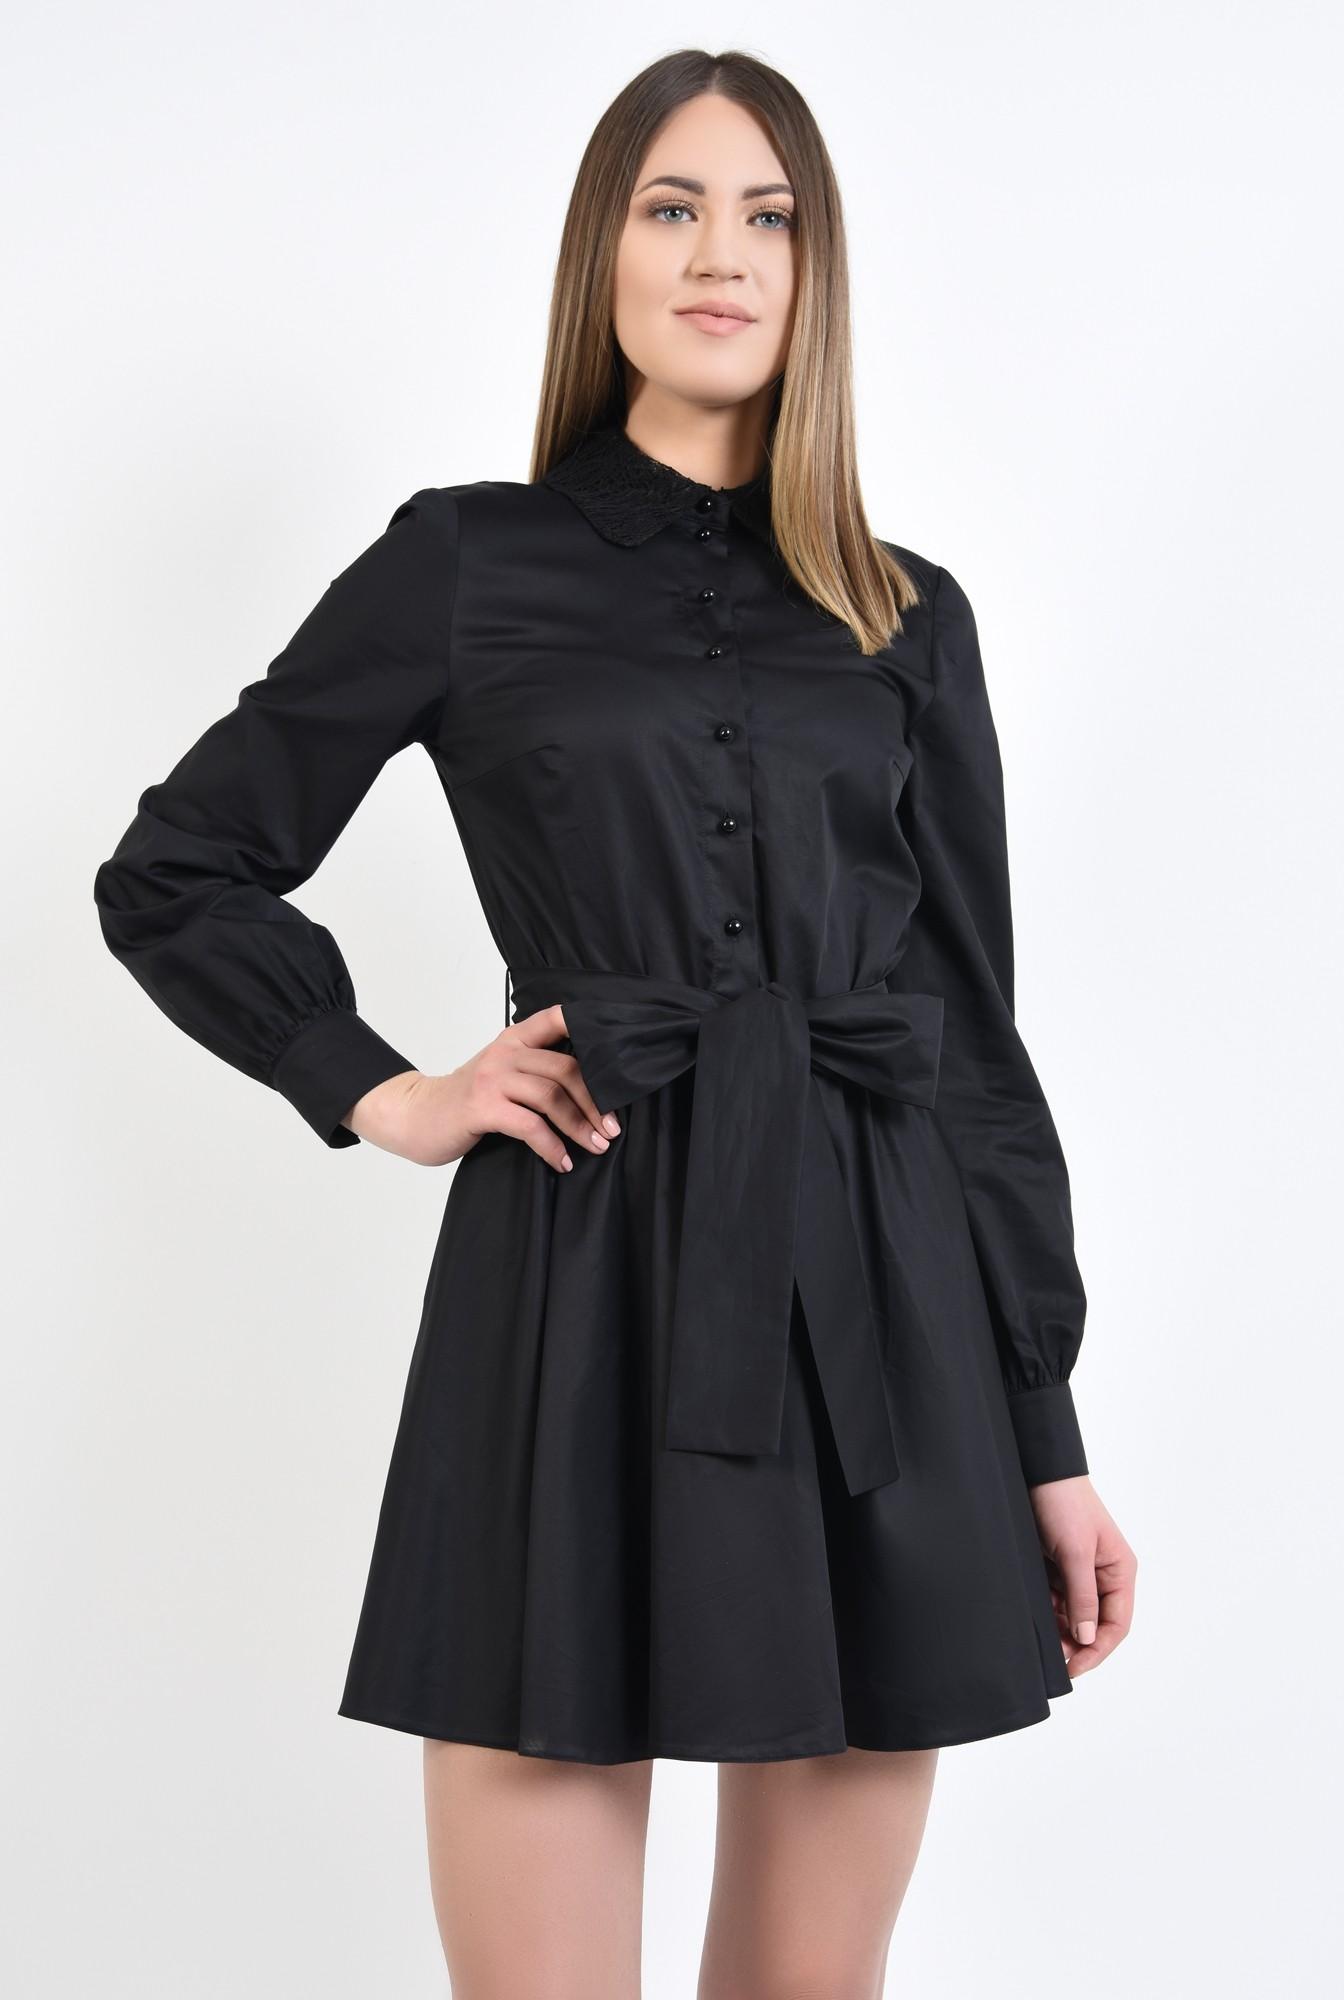 0 - 360 - rochie scurta, de zi, cu funda, guler din dantela